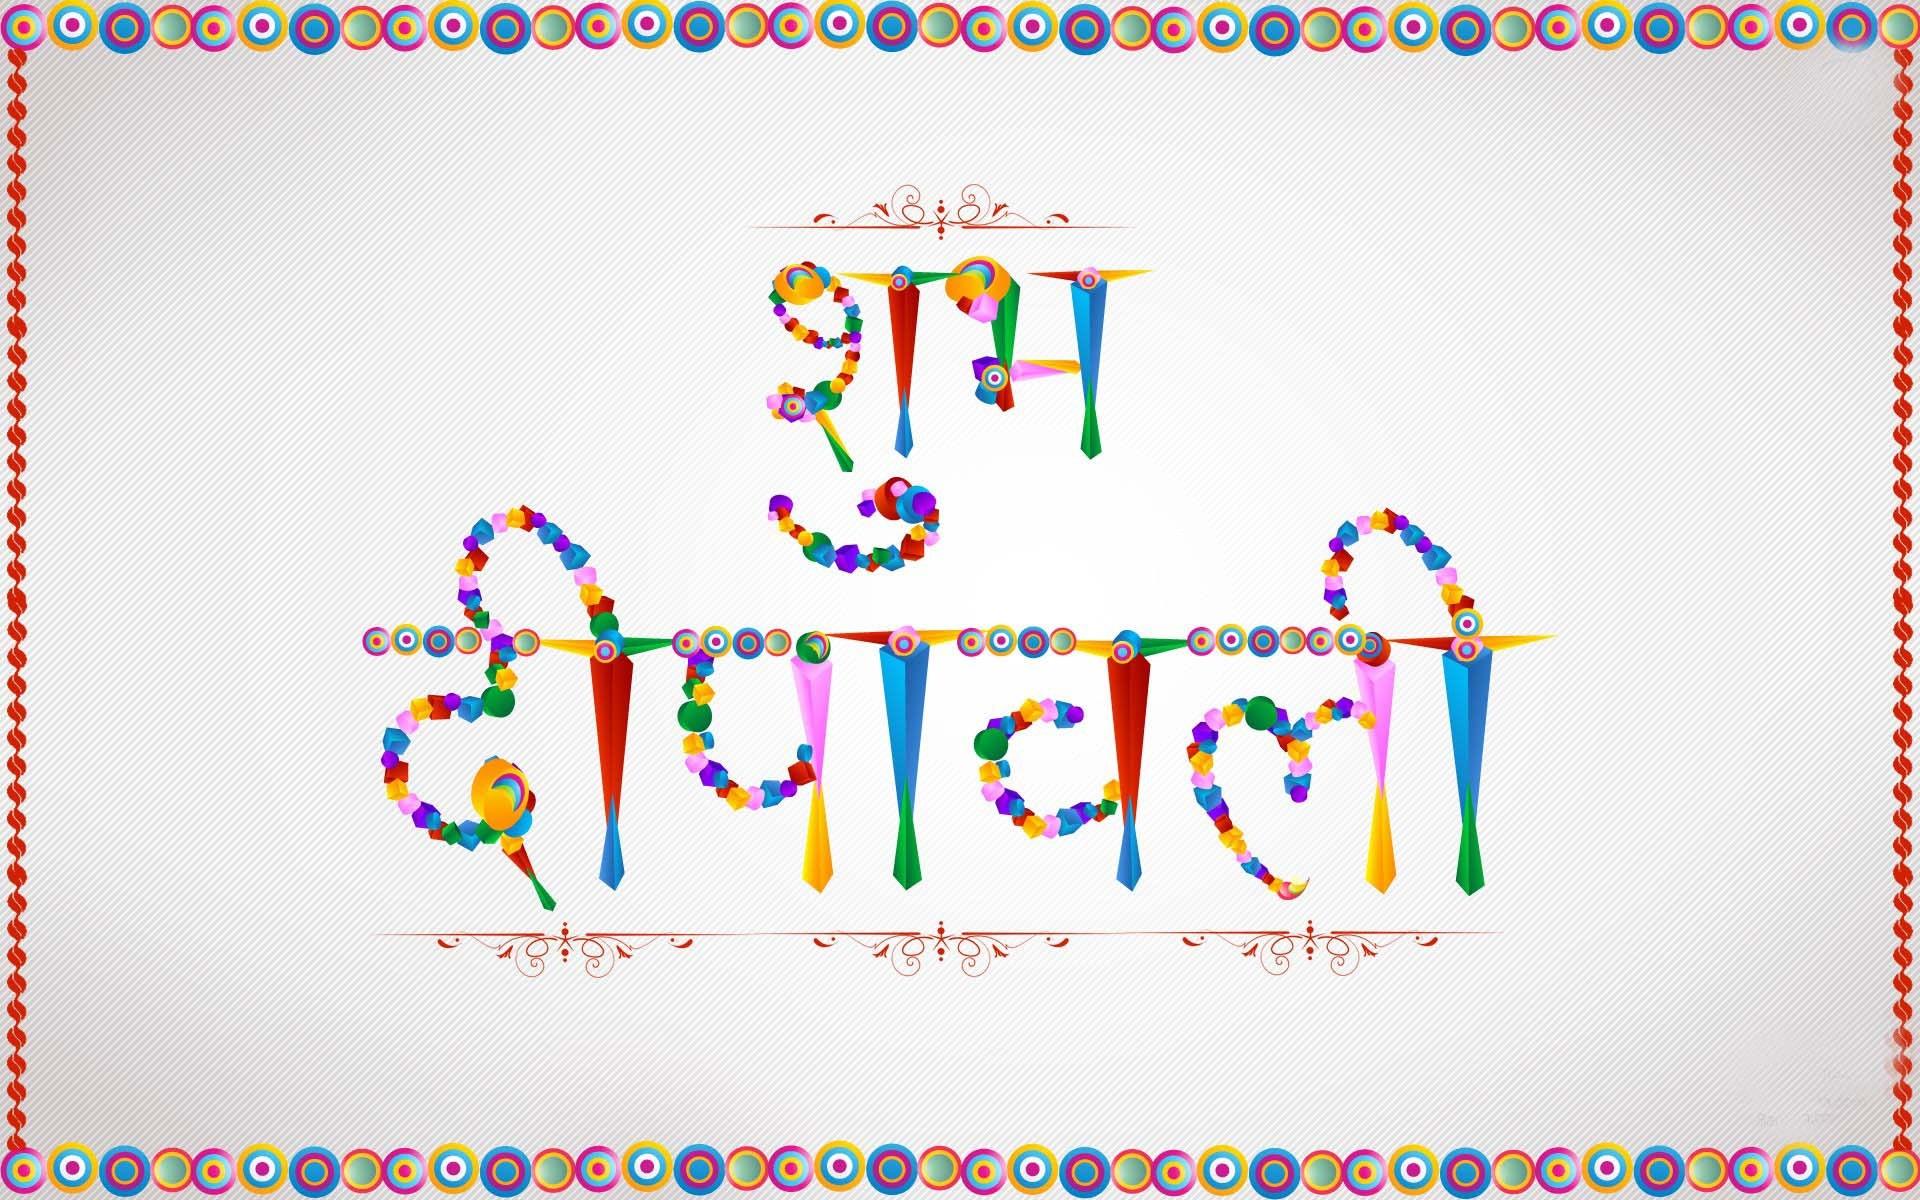 Shubh Diwali Texts